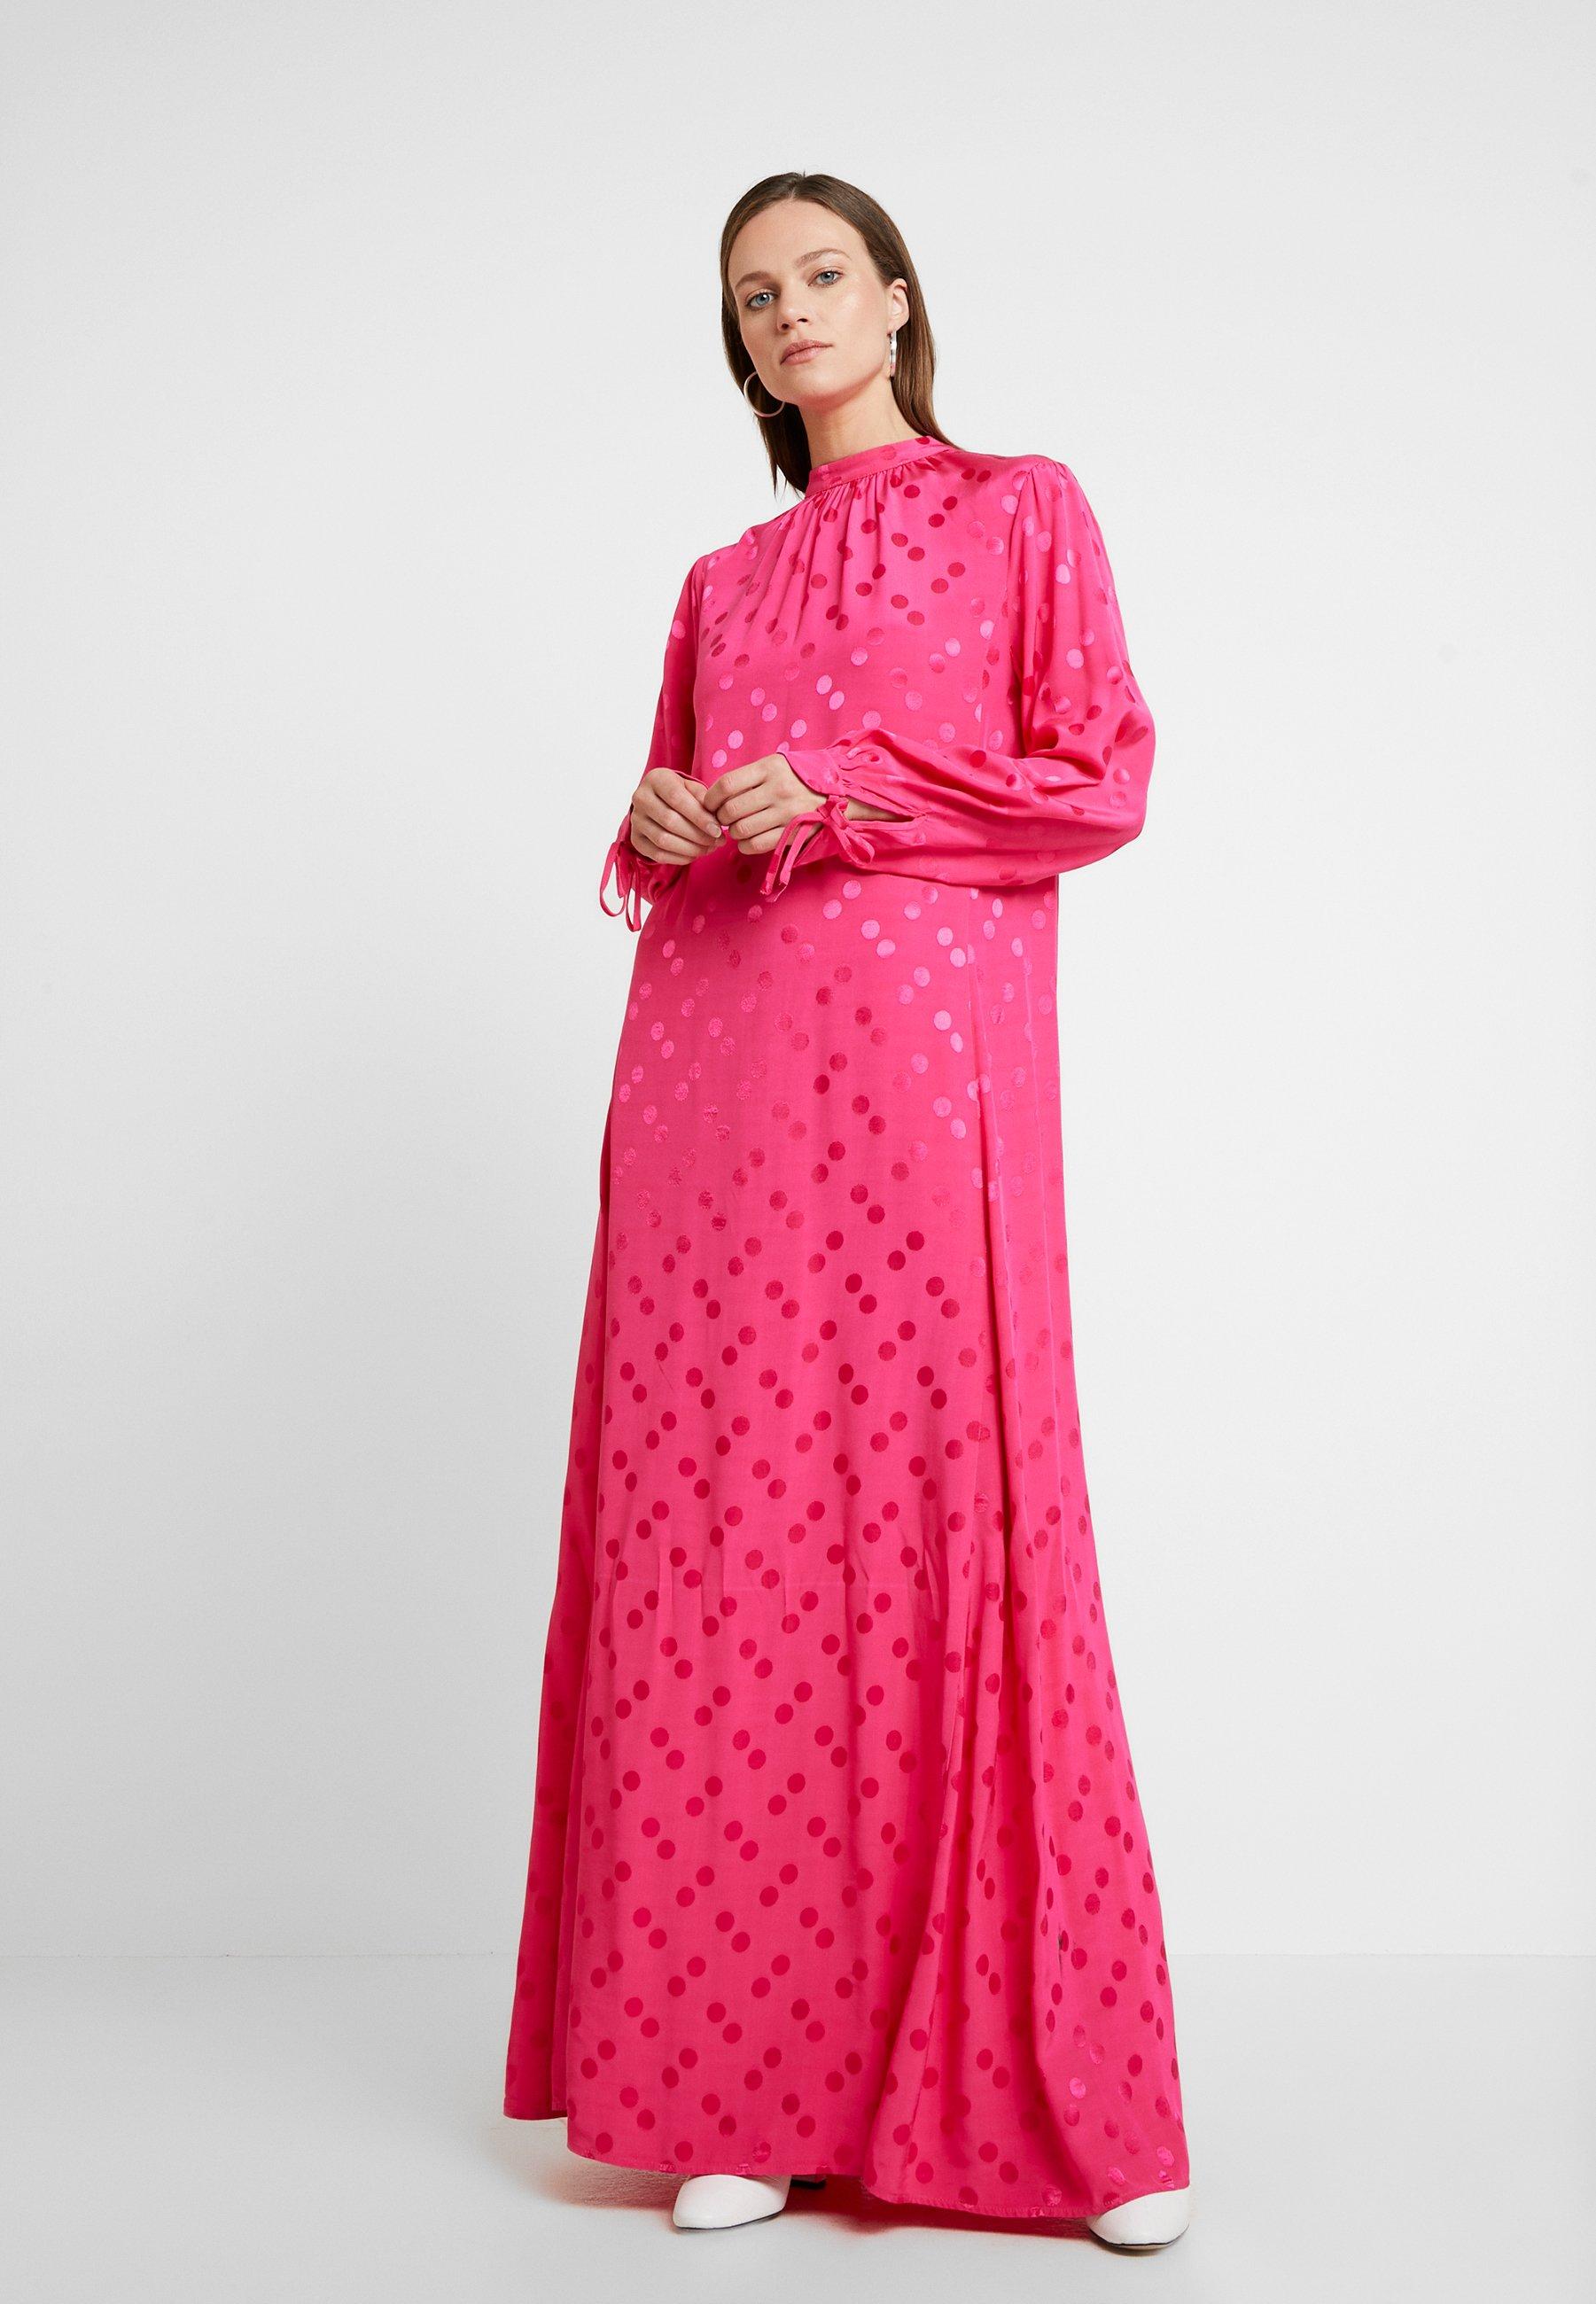 Cosmo Résumé LungoFuxia Pink Résumé Vestito Vestito 29IEDWH